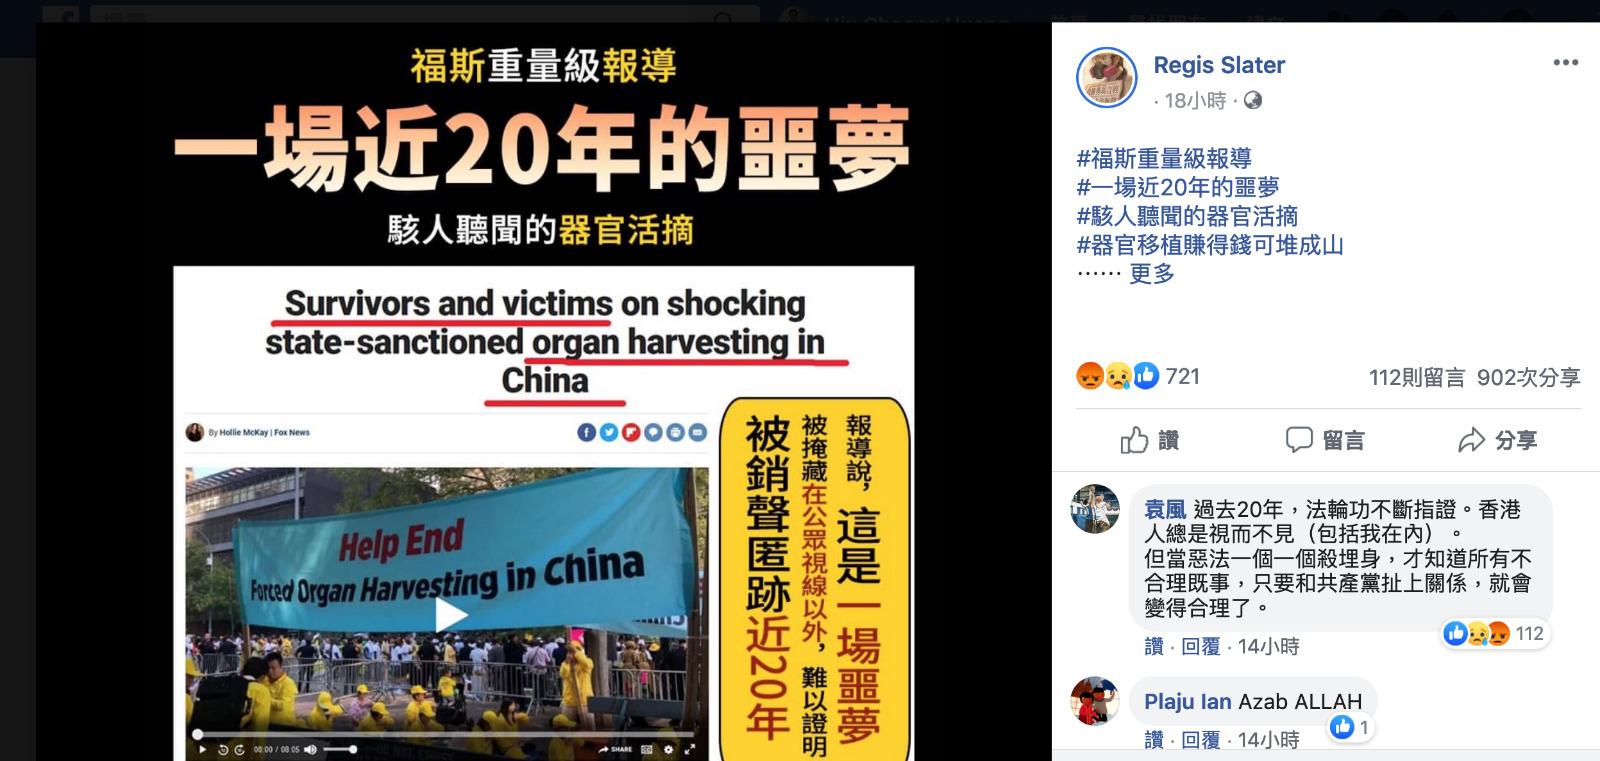 有Fb介紹了報道,網民留言說,以過去20年,香港人沒有理會法輪功的指證,惡法一個個到來,才知道所有不合理的事,只要和共產黨扯上關係,就會變得合理。(網絡截圖)